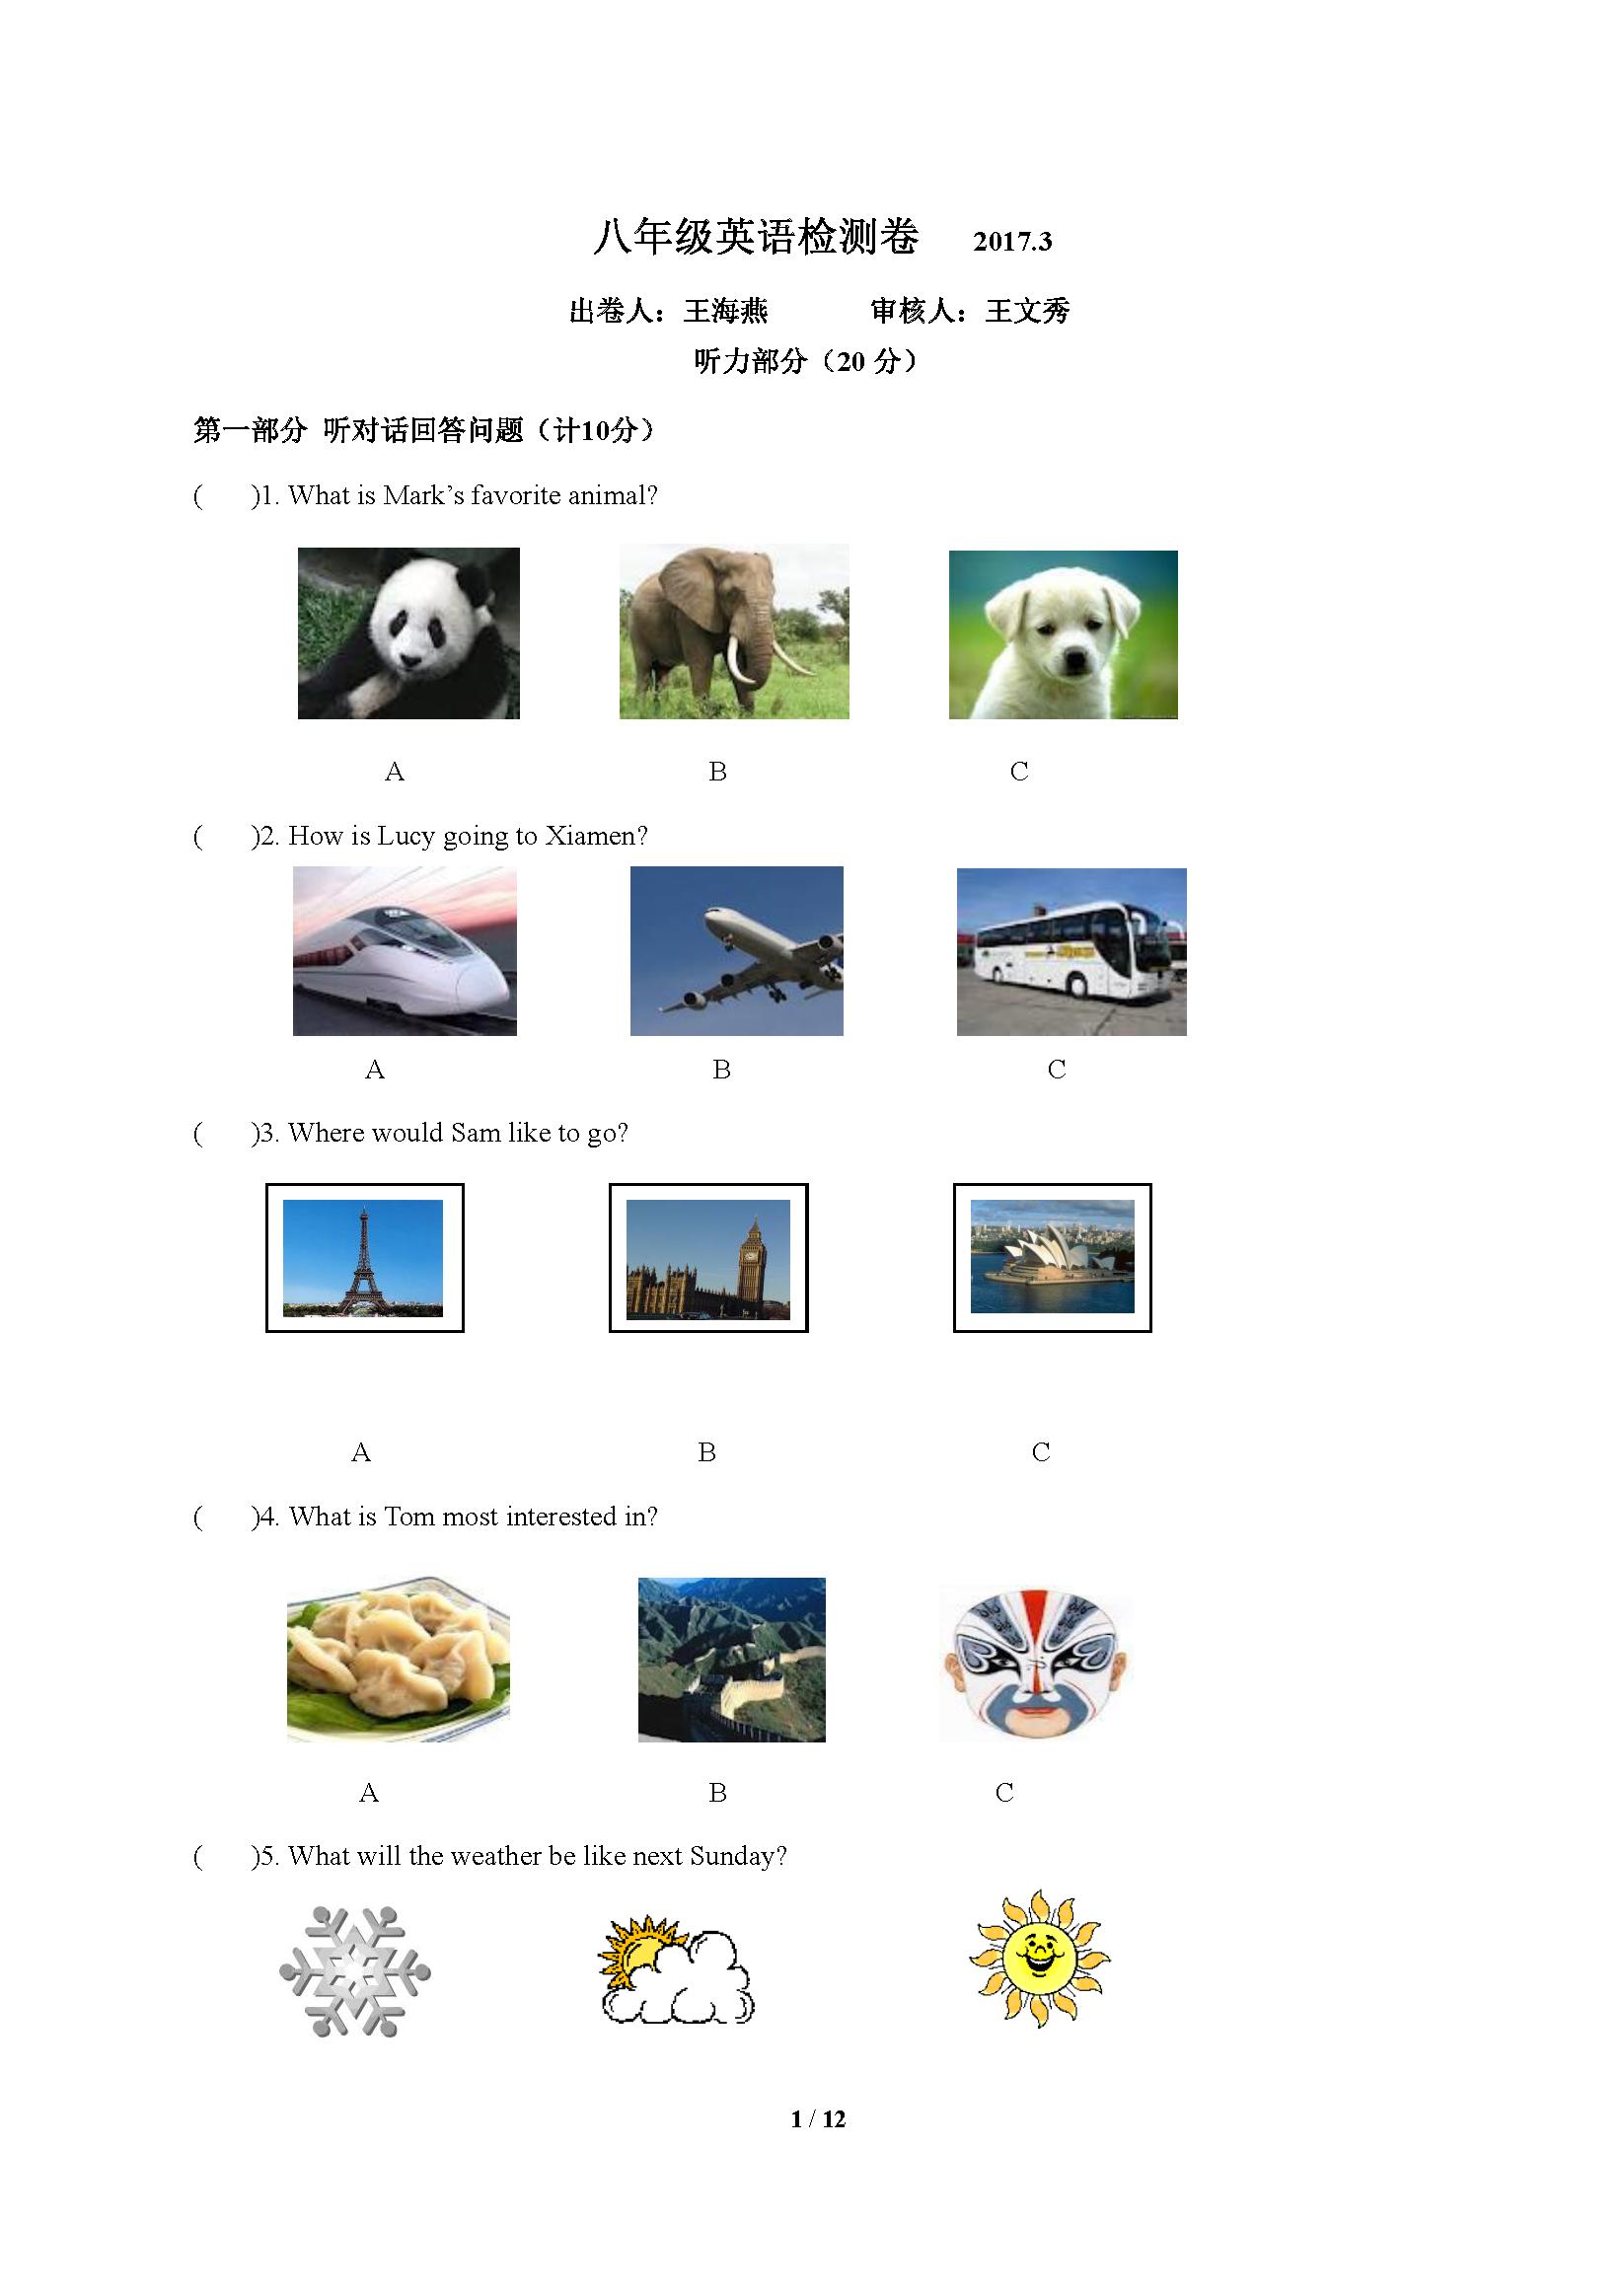 2017江苏镇江丹阳实验学校八年级3月月考英语试题(Word版)